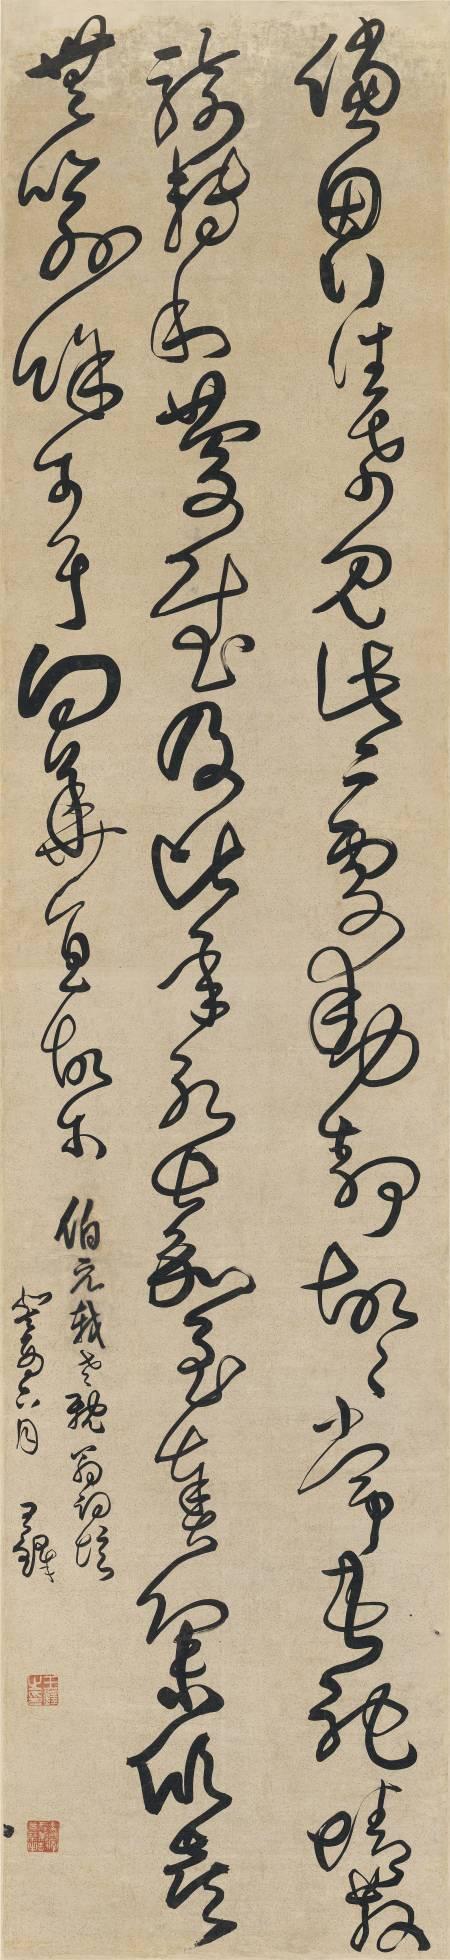 草書《臨王羲之小園帖》